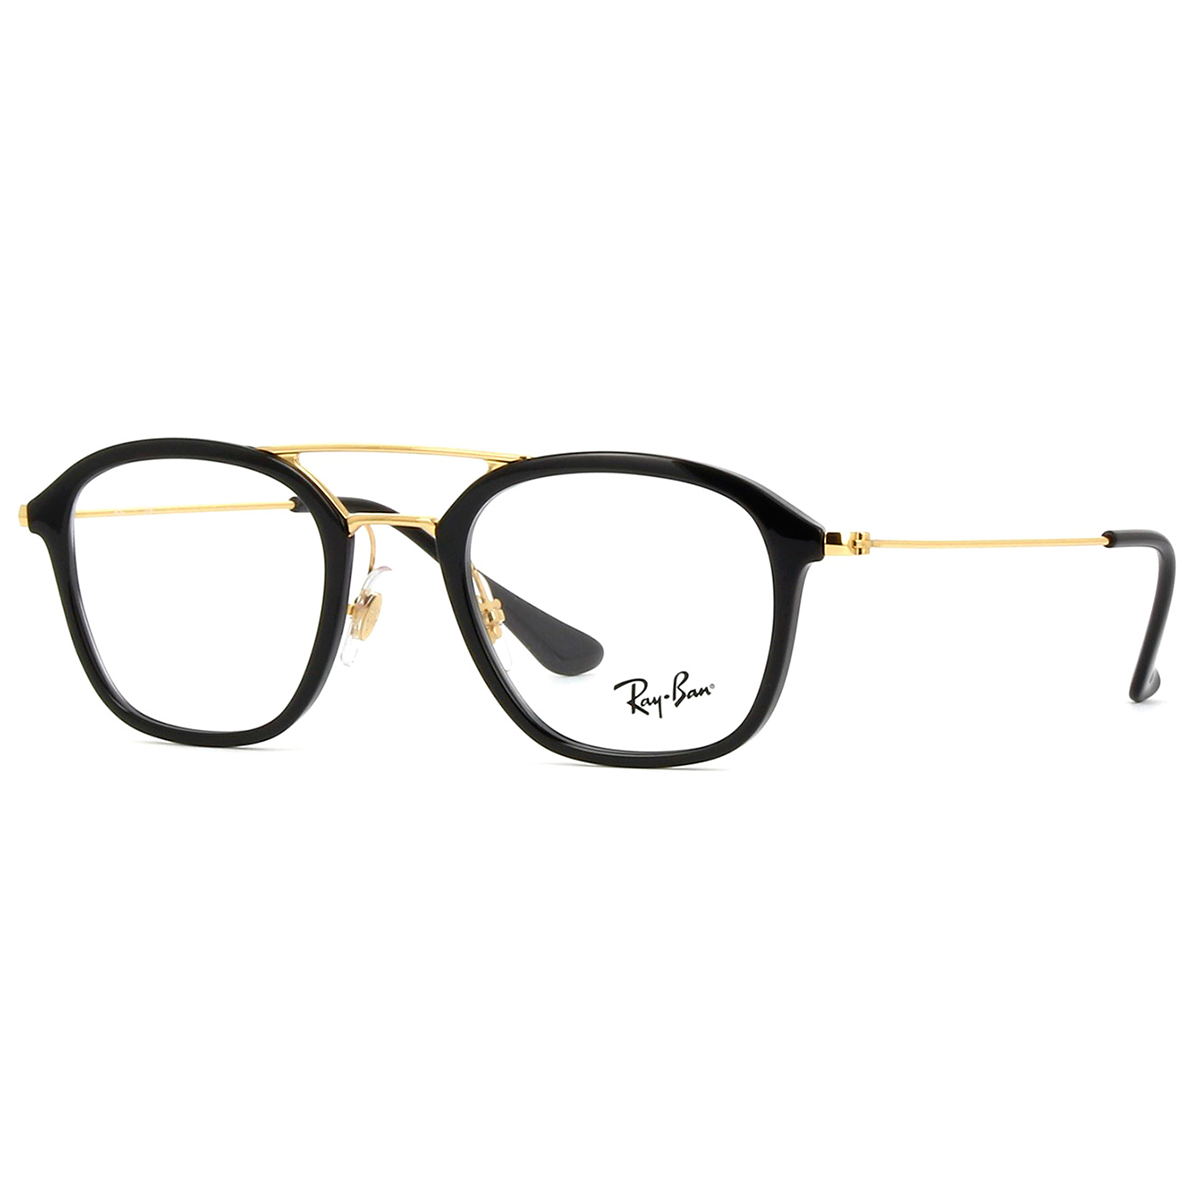 d14a9bfa289 Óculos de Grau Ray Ban RB7098